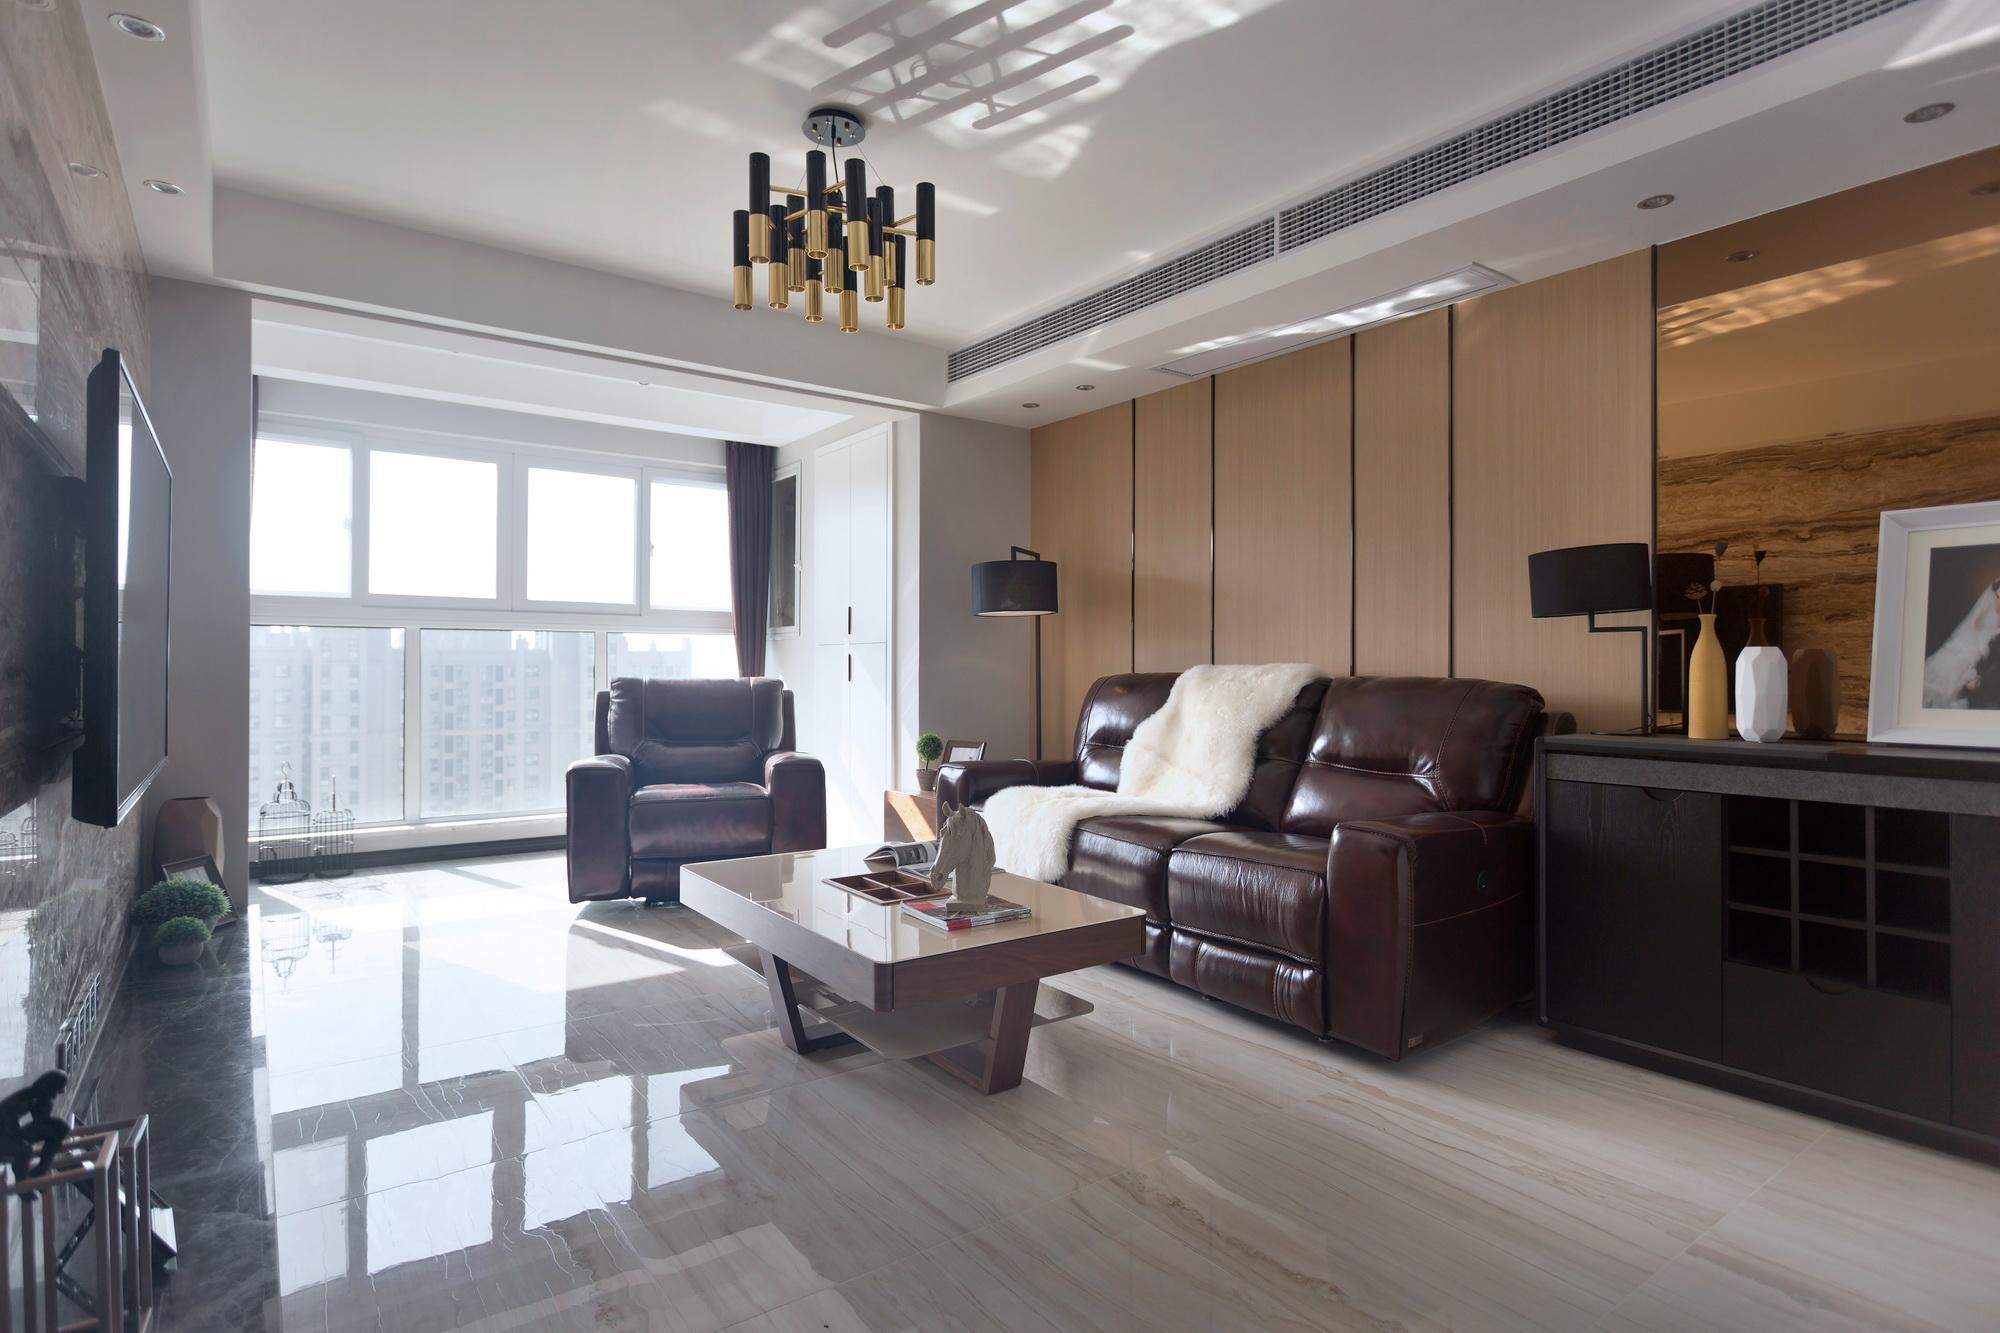 110㎡现代简约风格沙发背景墙装修效果图